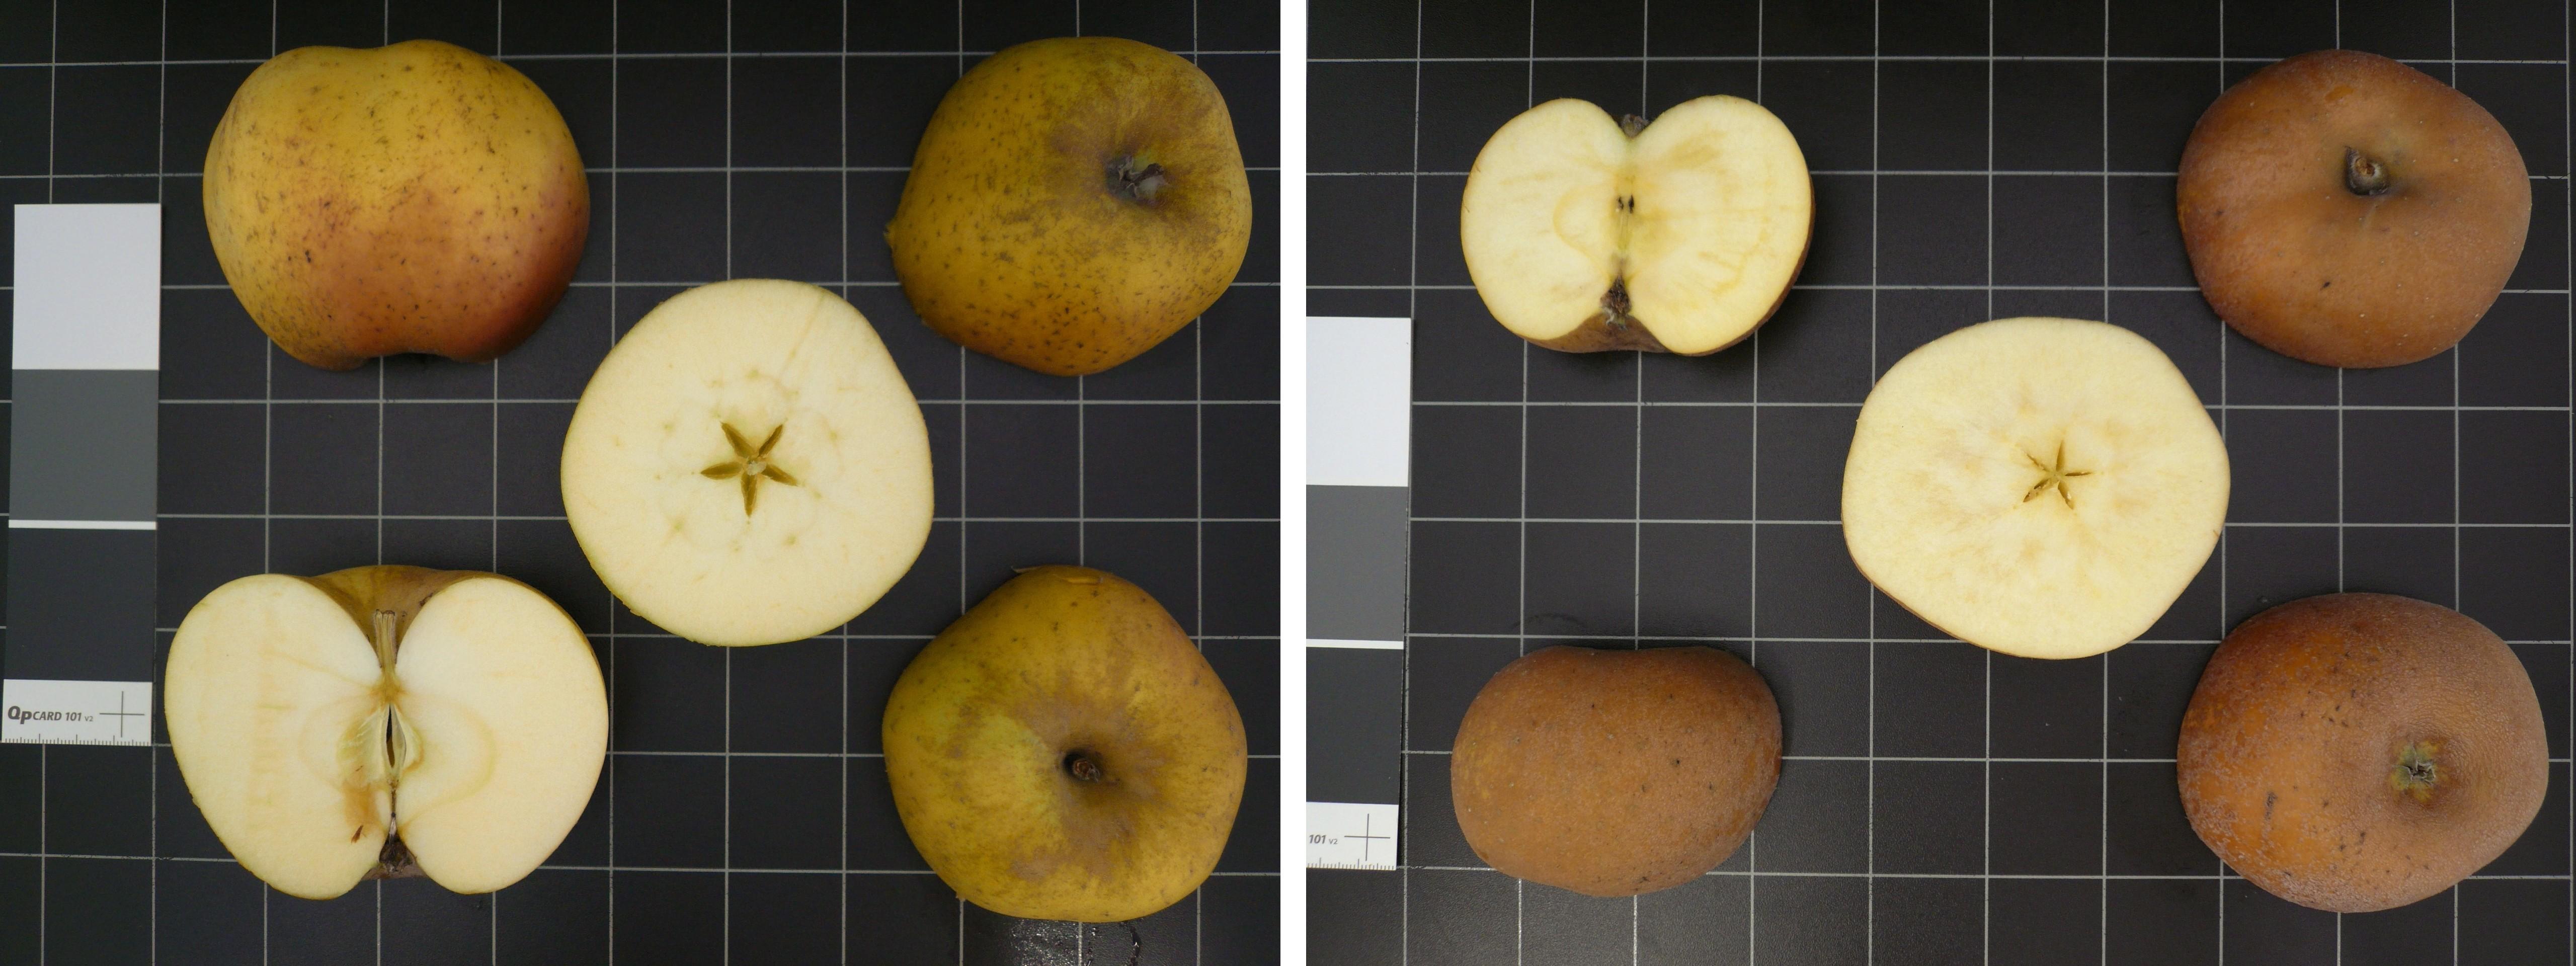 Ces deux variétés, 'Reinette Blanche du Canada' (à gauche) et 'Reinette de Brovouhels' (à droite), présentent le même profil génétique et sont donc issue du même individu à l'origine. On voit cependant nettement une différence de russeting au niveau des fruits (mutation au niveau de l'épiderme). Ces deux variétés sont triploïdes comme l'atteste l'absence de pépins dans les loges carpellaires - © A. Guyader, INRA-Angers.